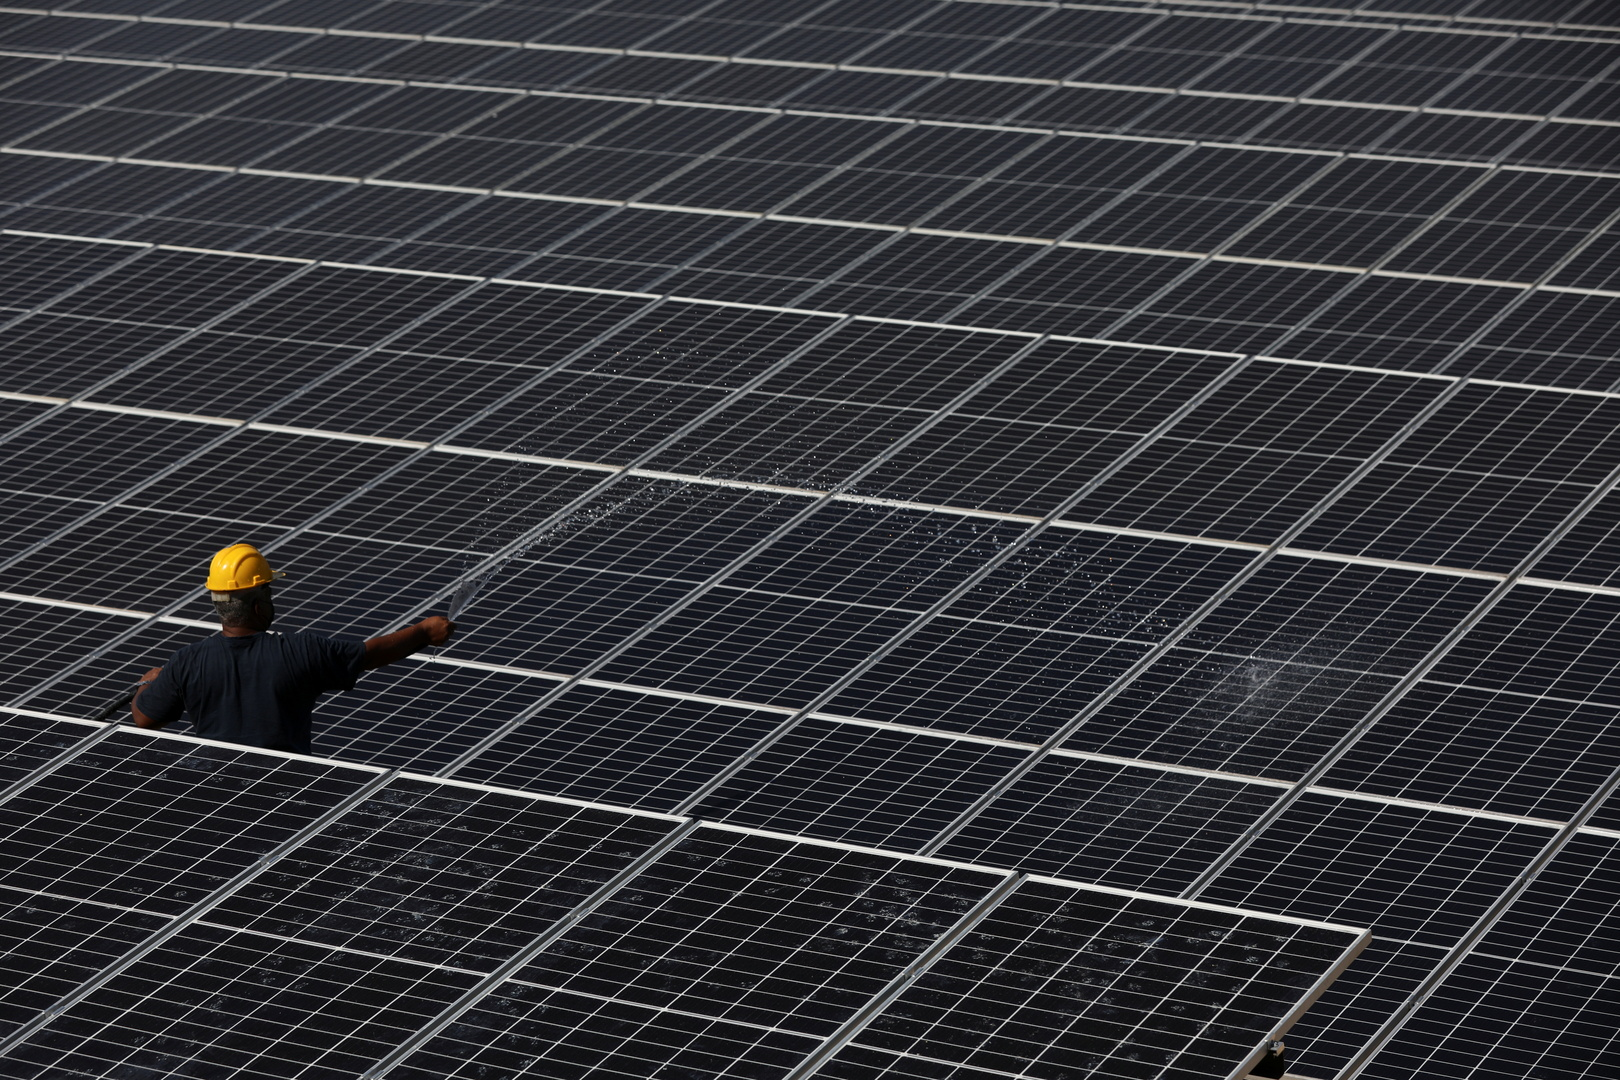 تقرير: الطاقة الشمسية قد تولد 40% من الكهرباء في أمريكا بحلول 2035